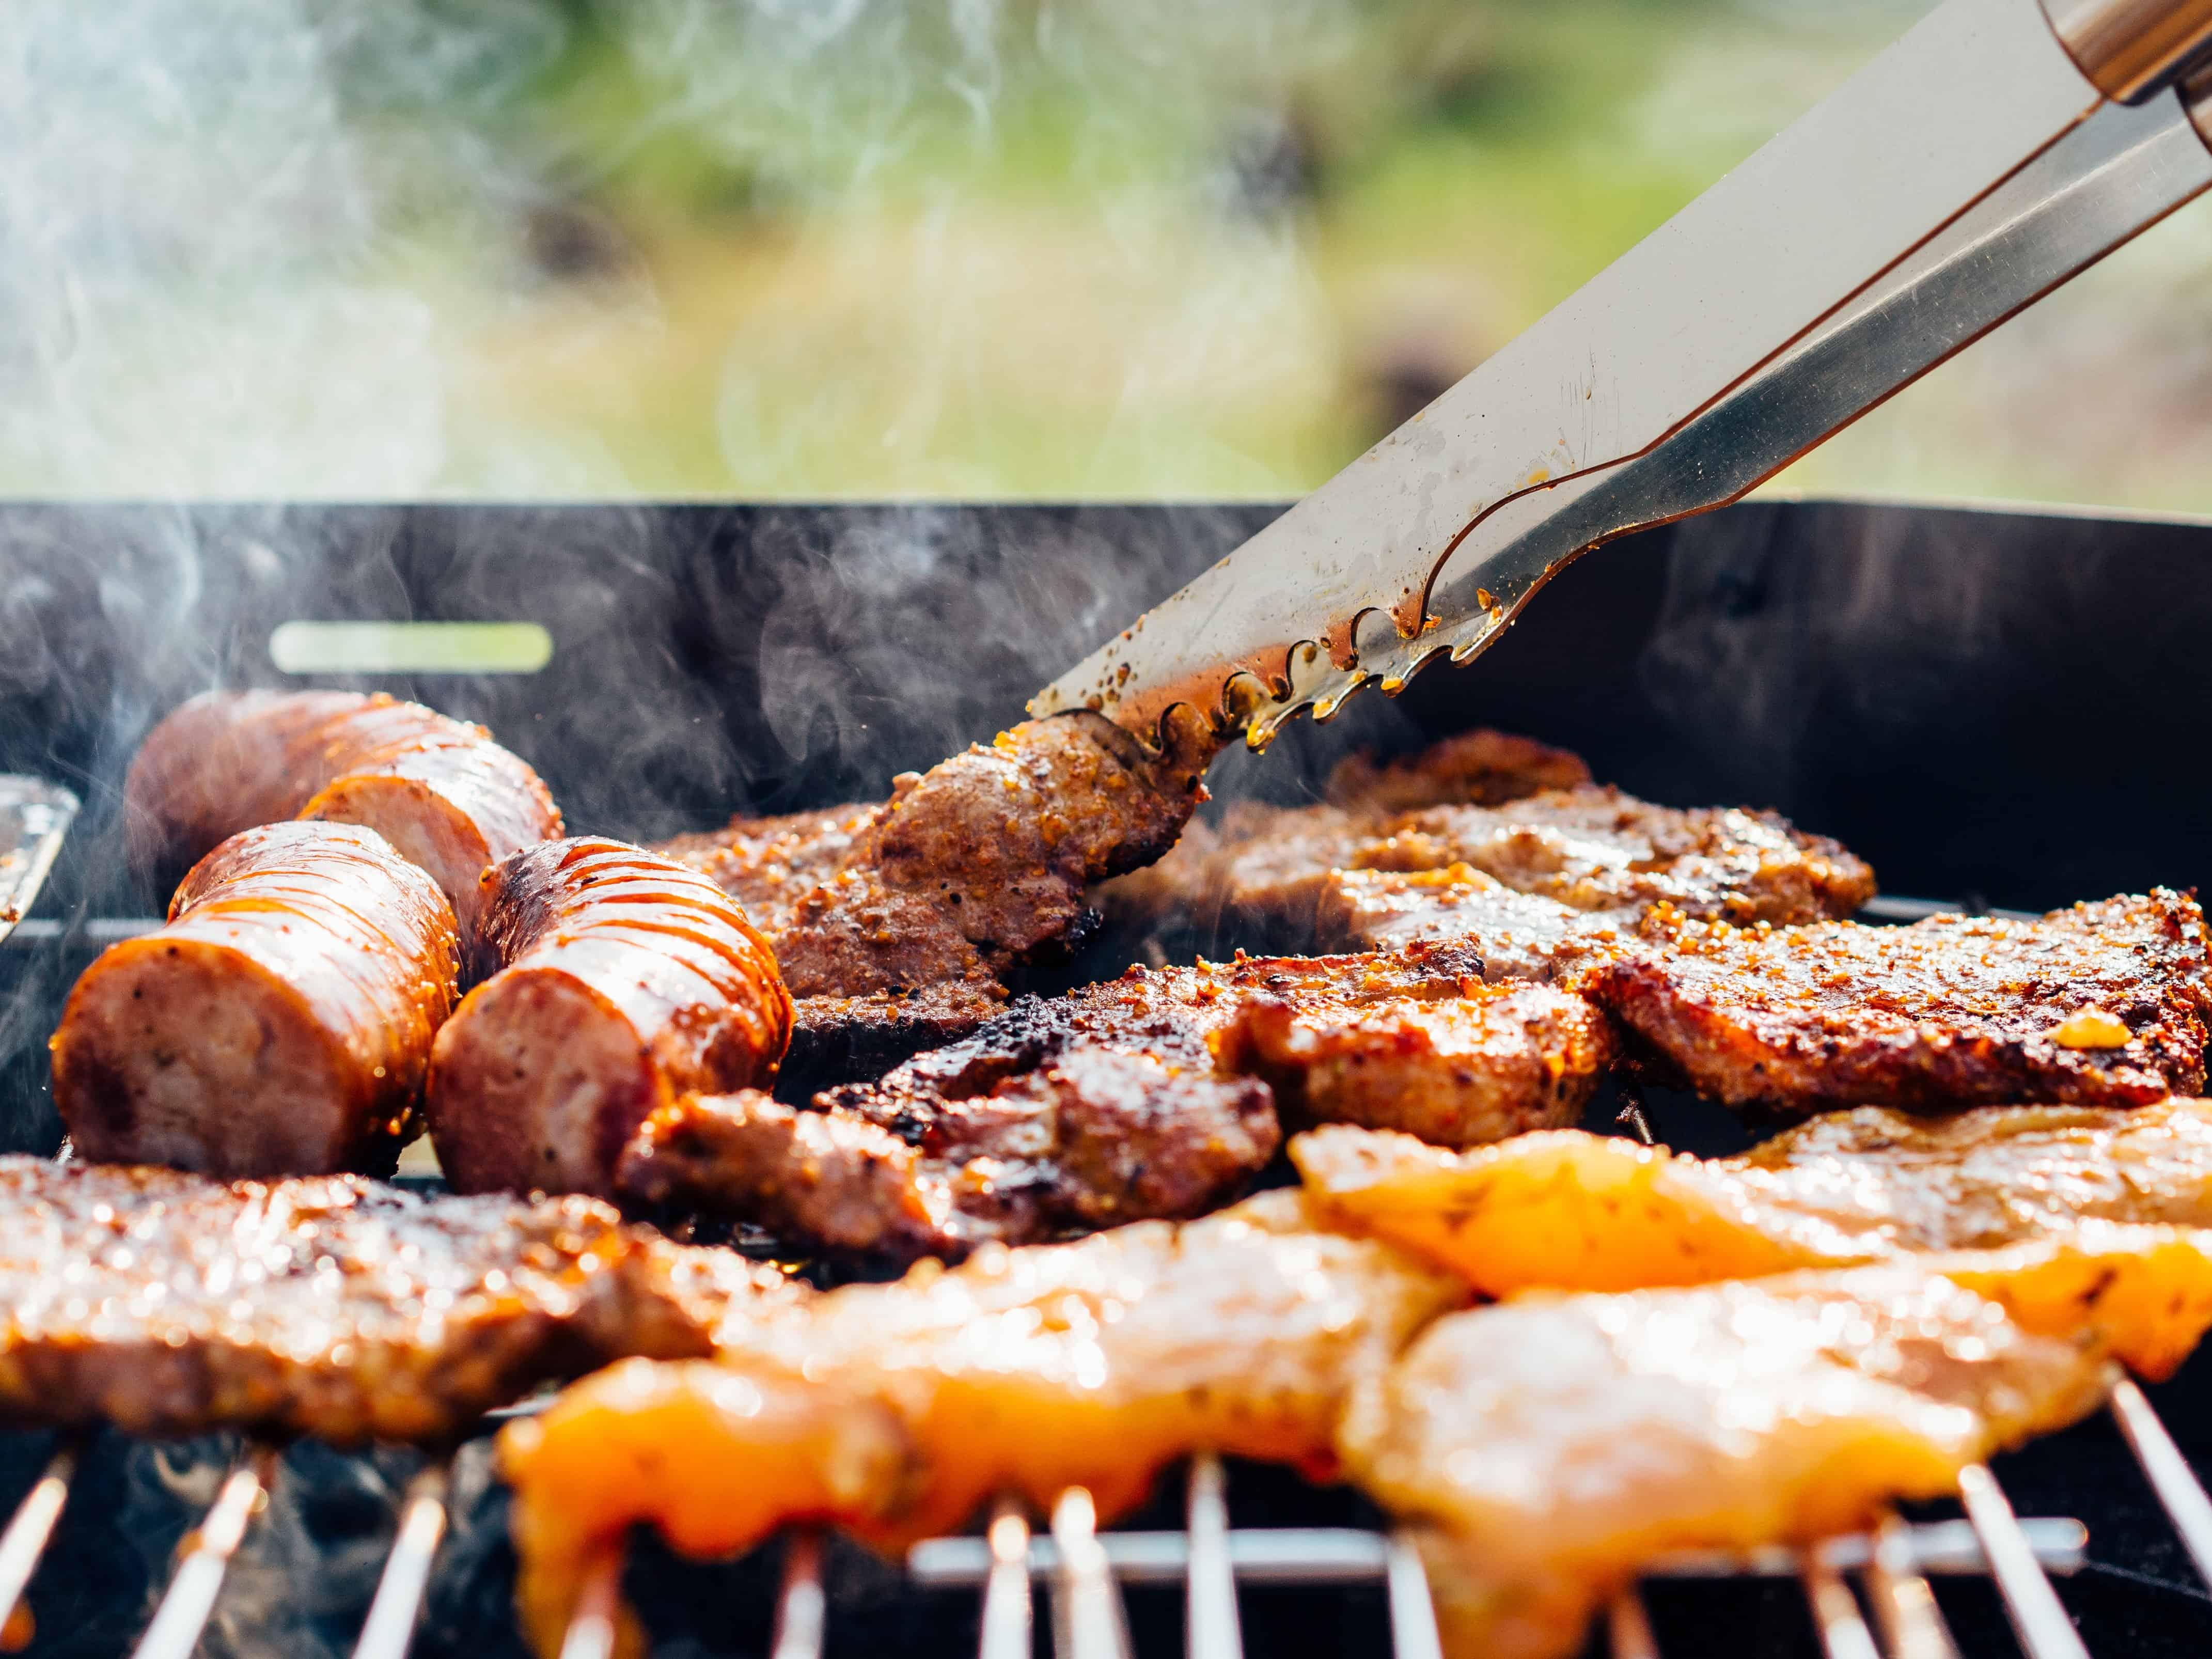 Κρέας ή Σόγια... Τι είναι πιο ηθικό;